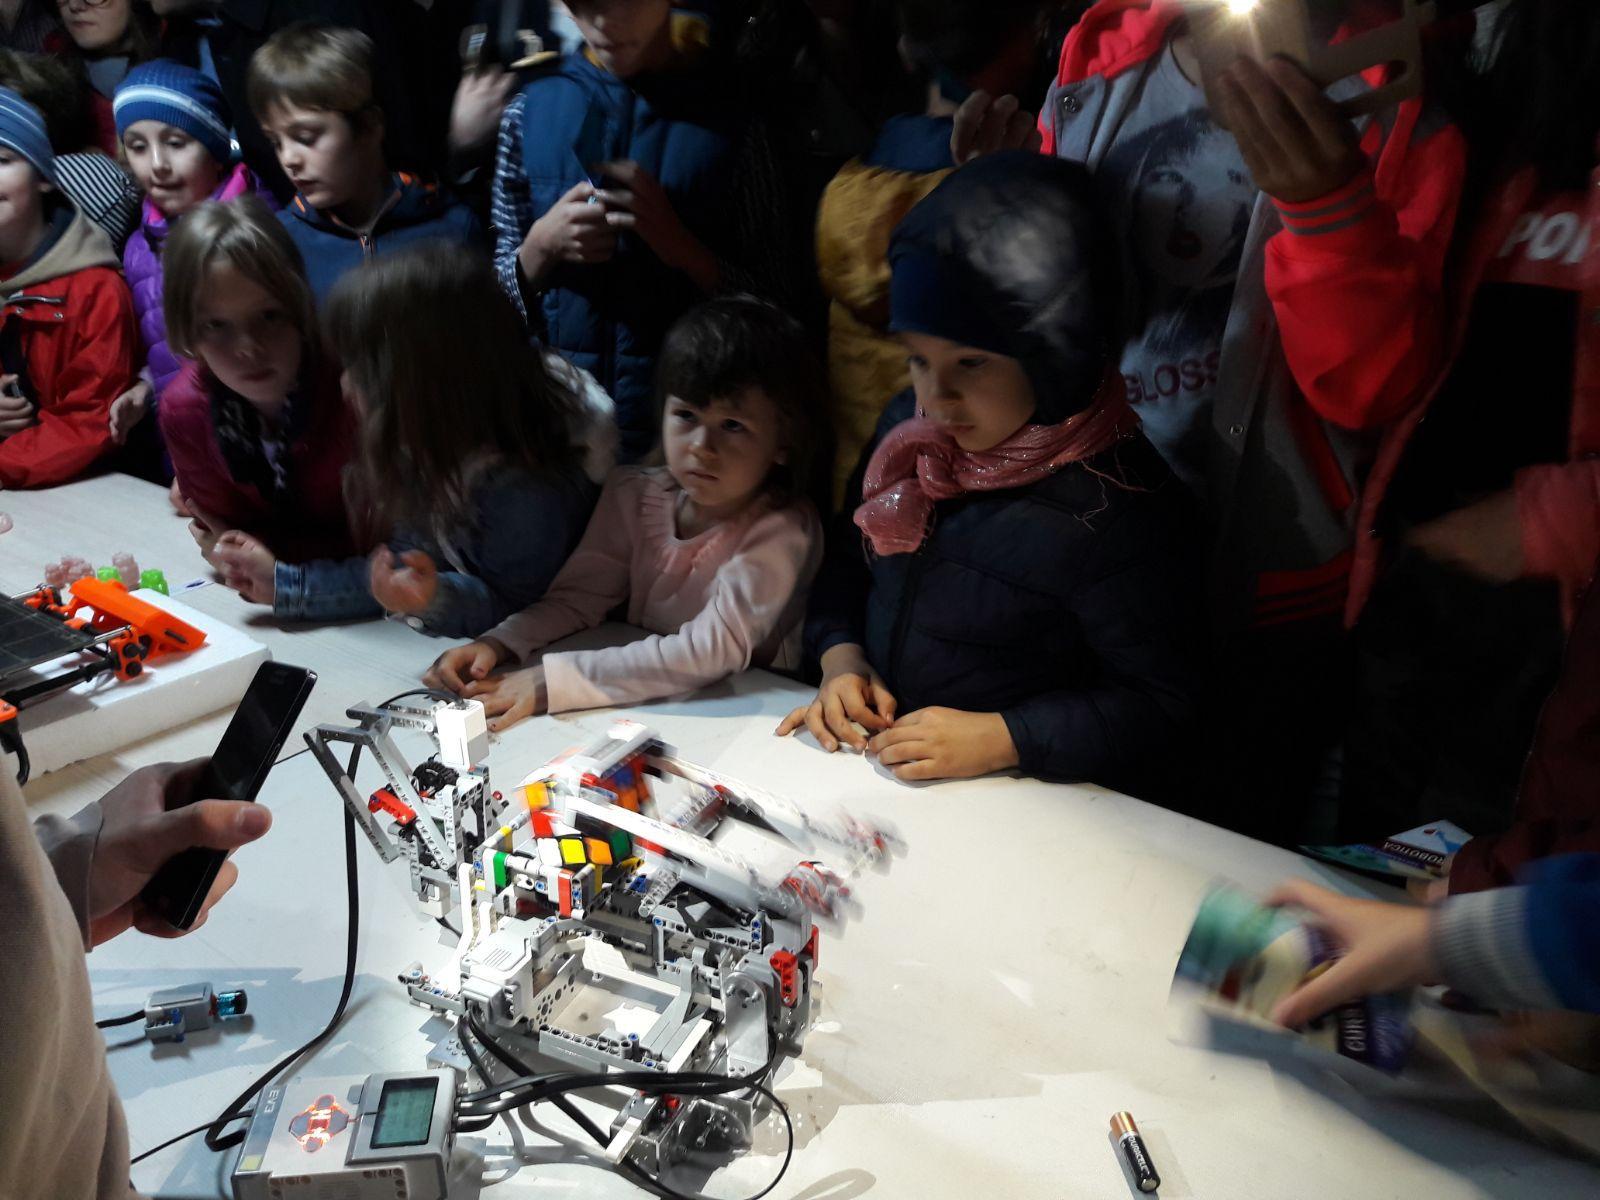 FOTO   Mii de copii au împletit jocul cu ştiinţa şi au fost cercetători pentru câteva ore, la Noaptea Ştiinţei